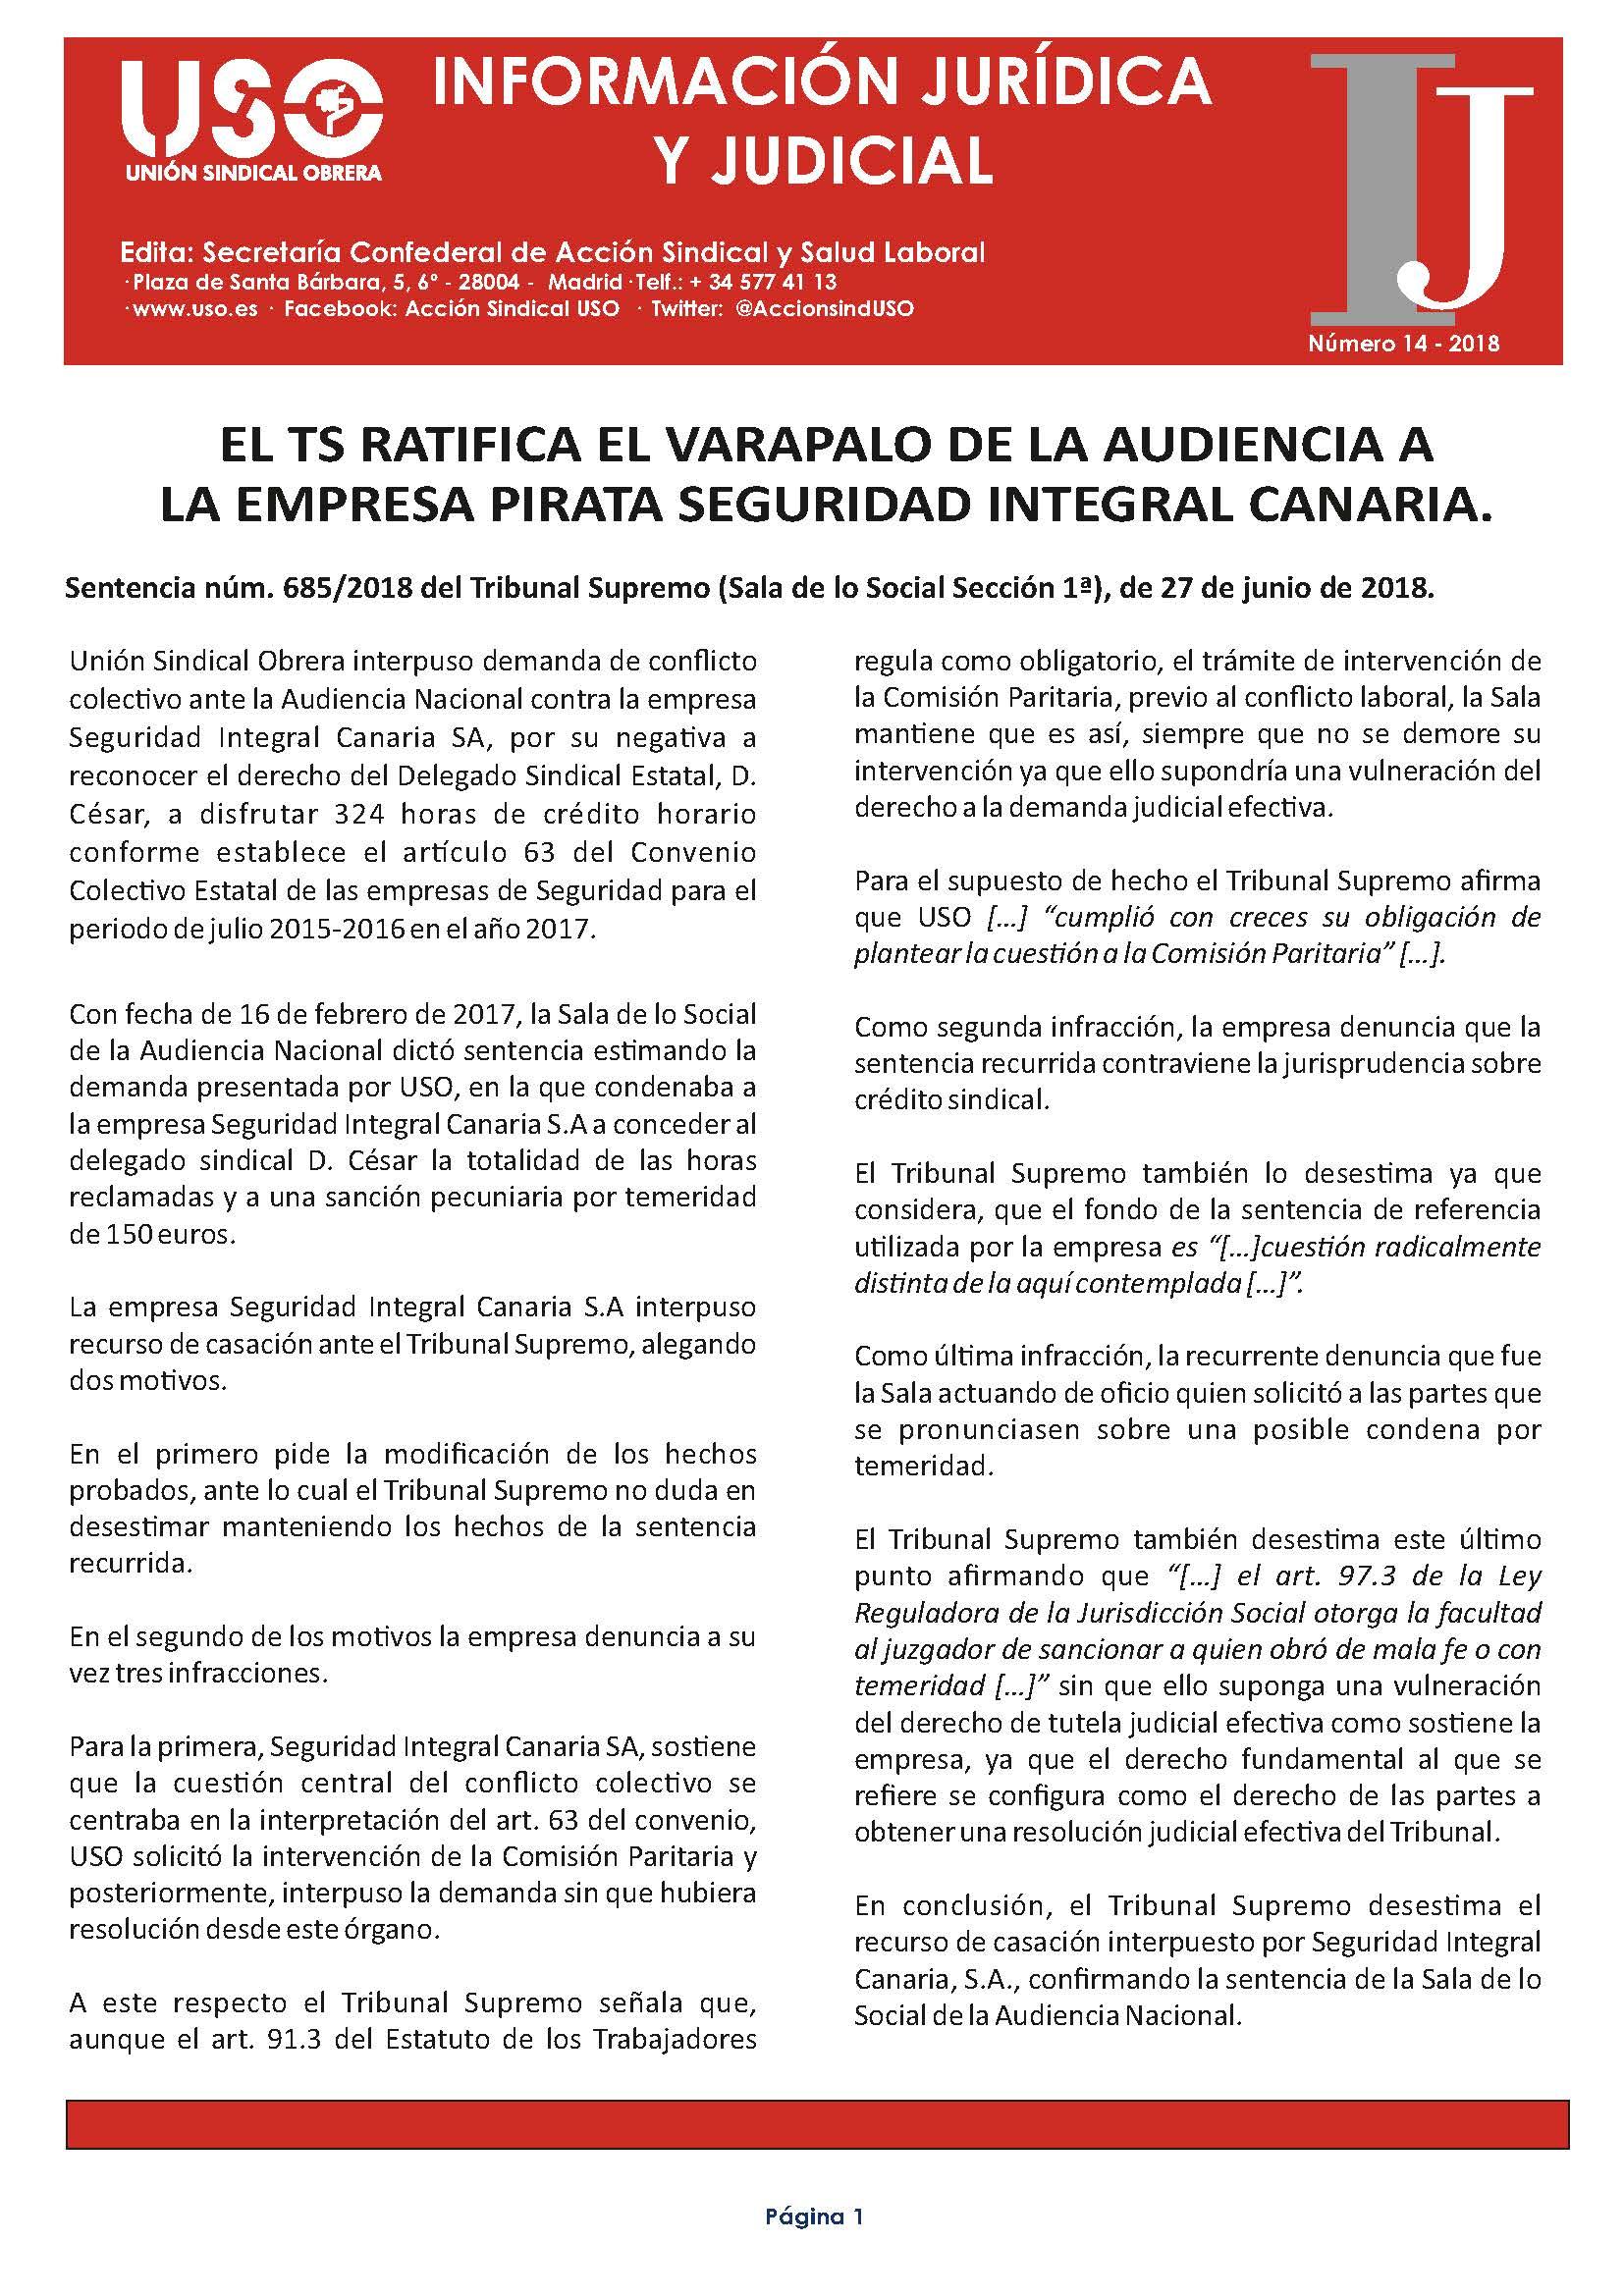 Información Jurídica y Judicial nº 14